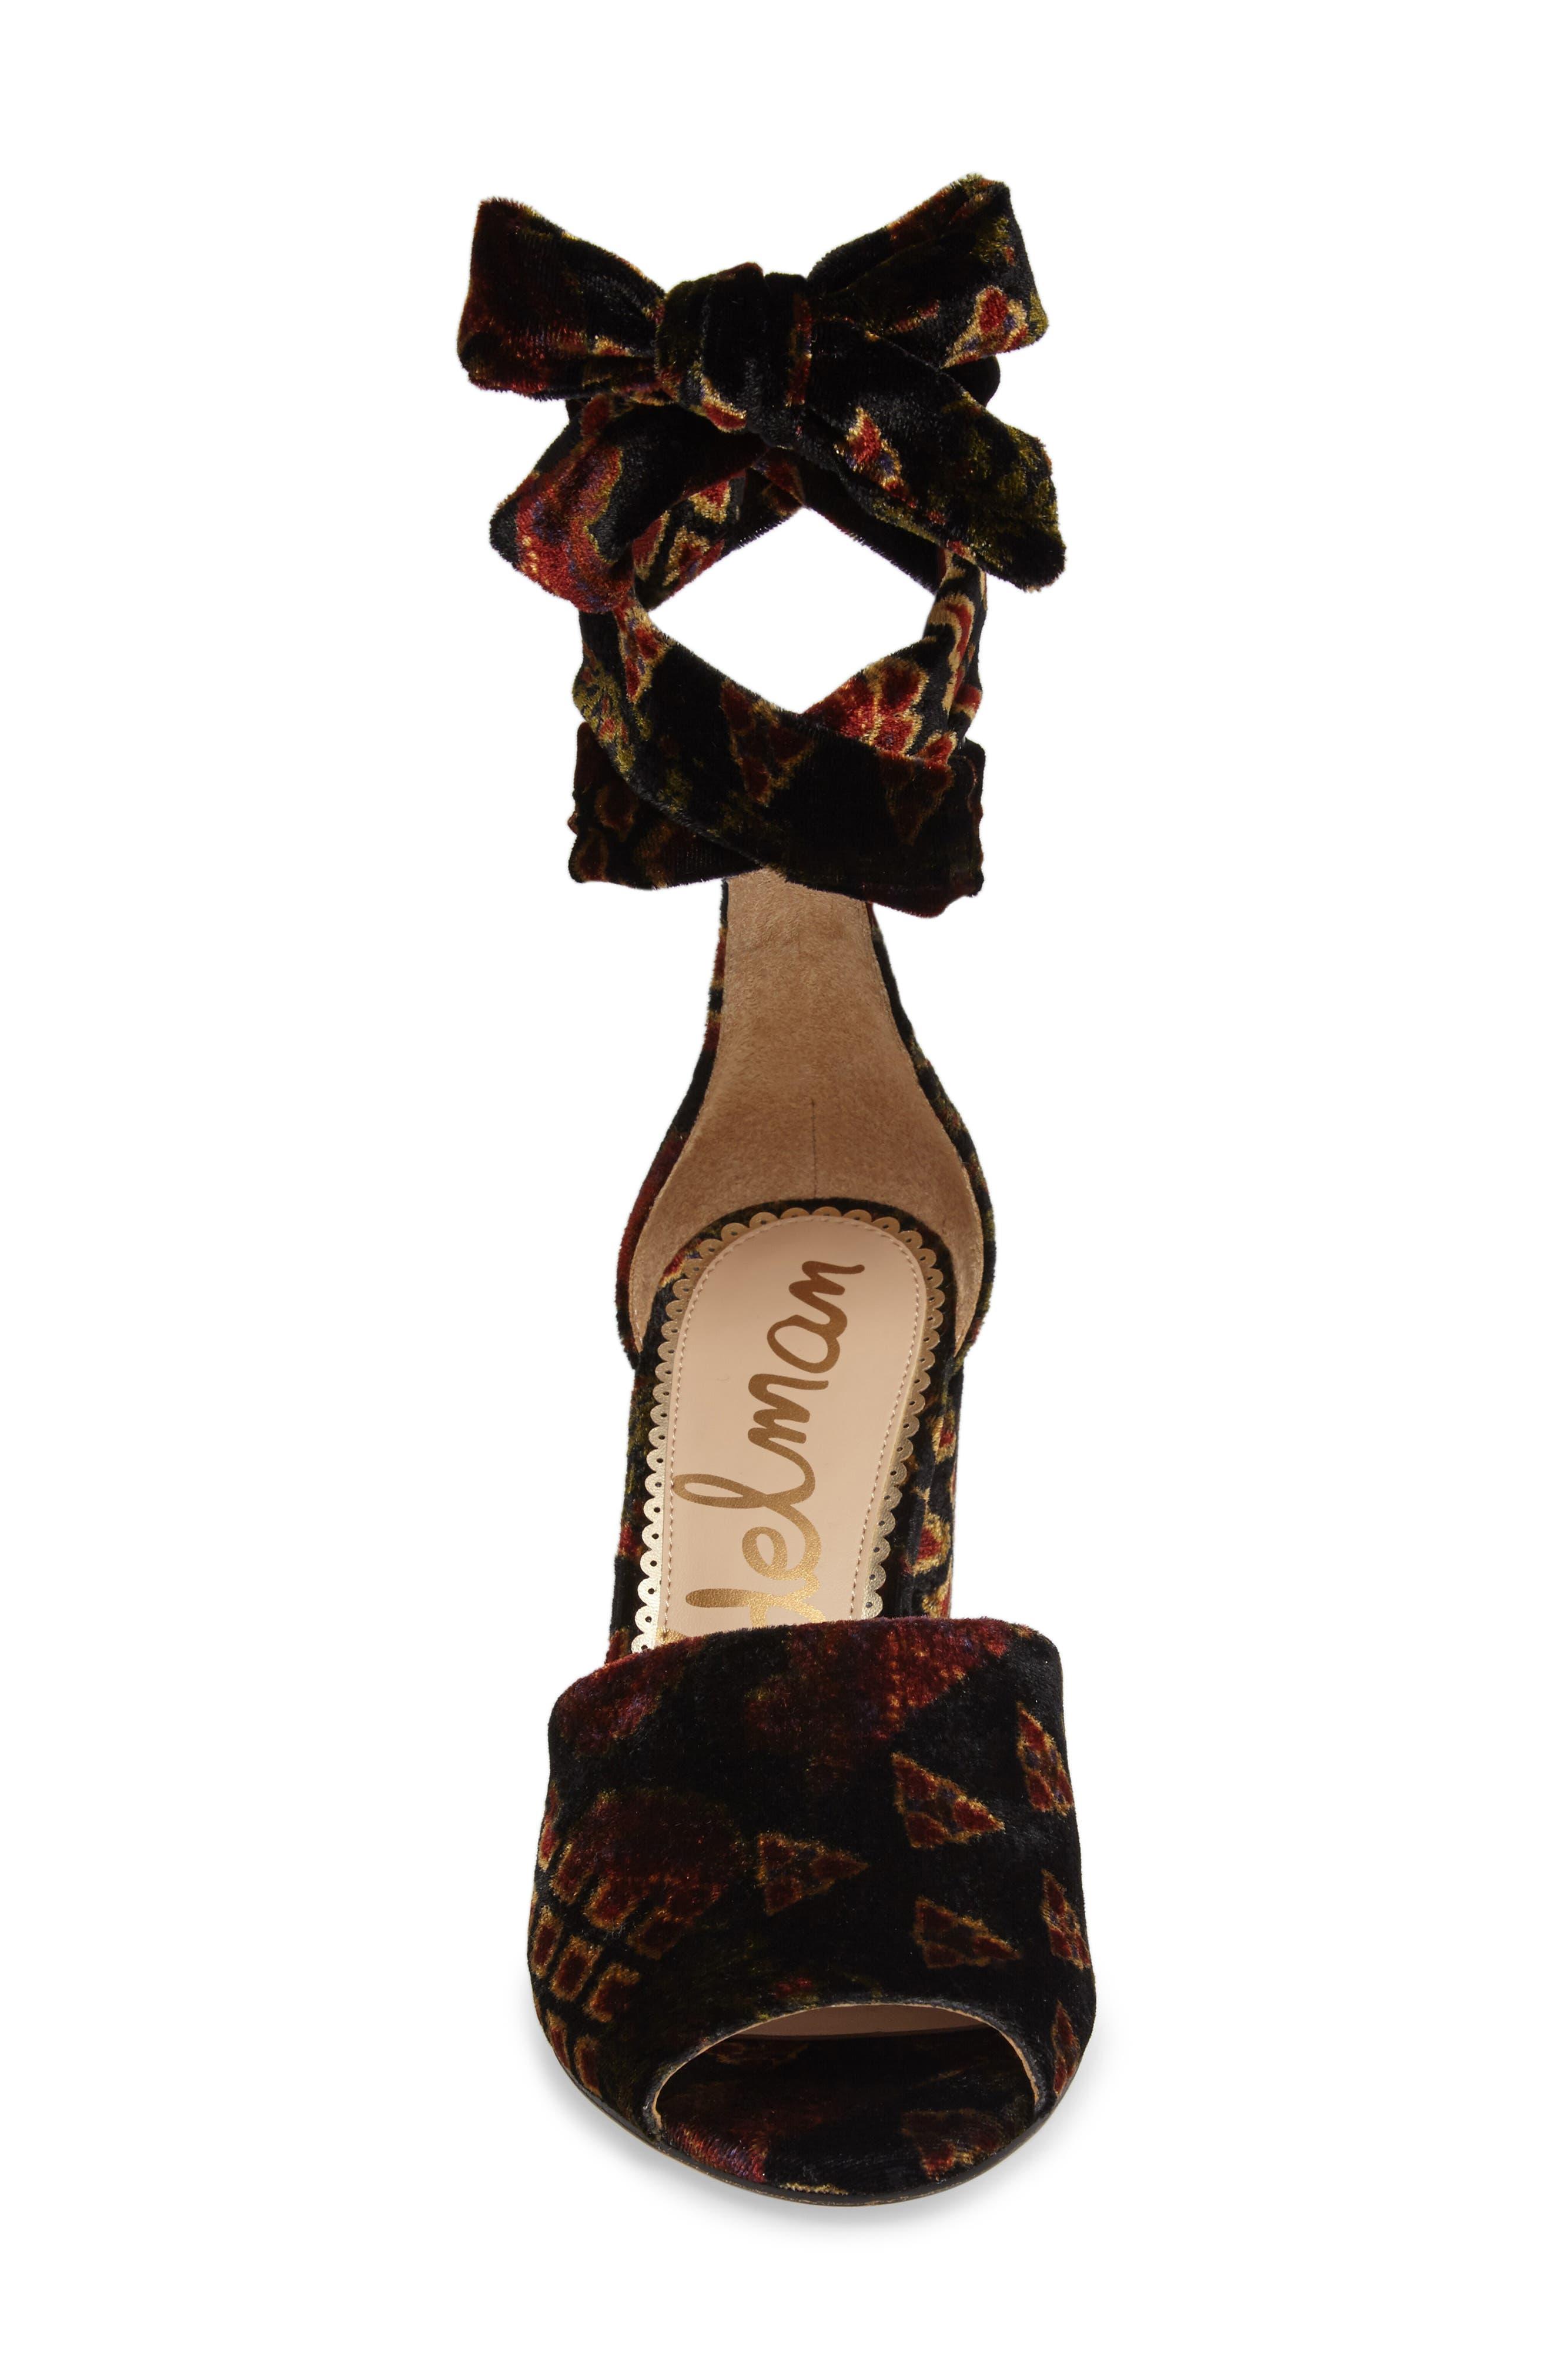 Odele Sandal,                             Alternate thumbnail 4, color,                             001